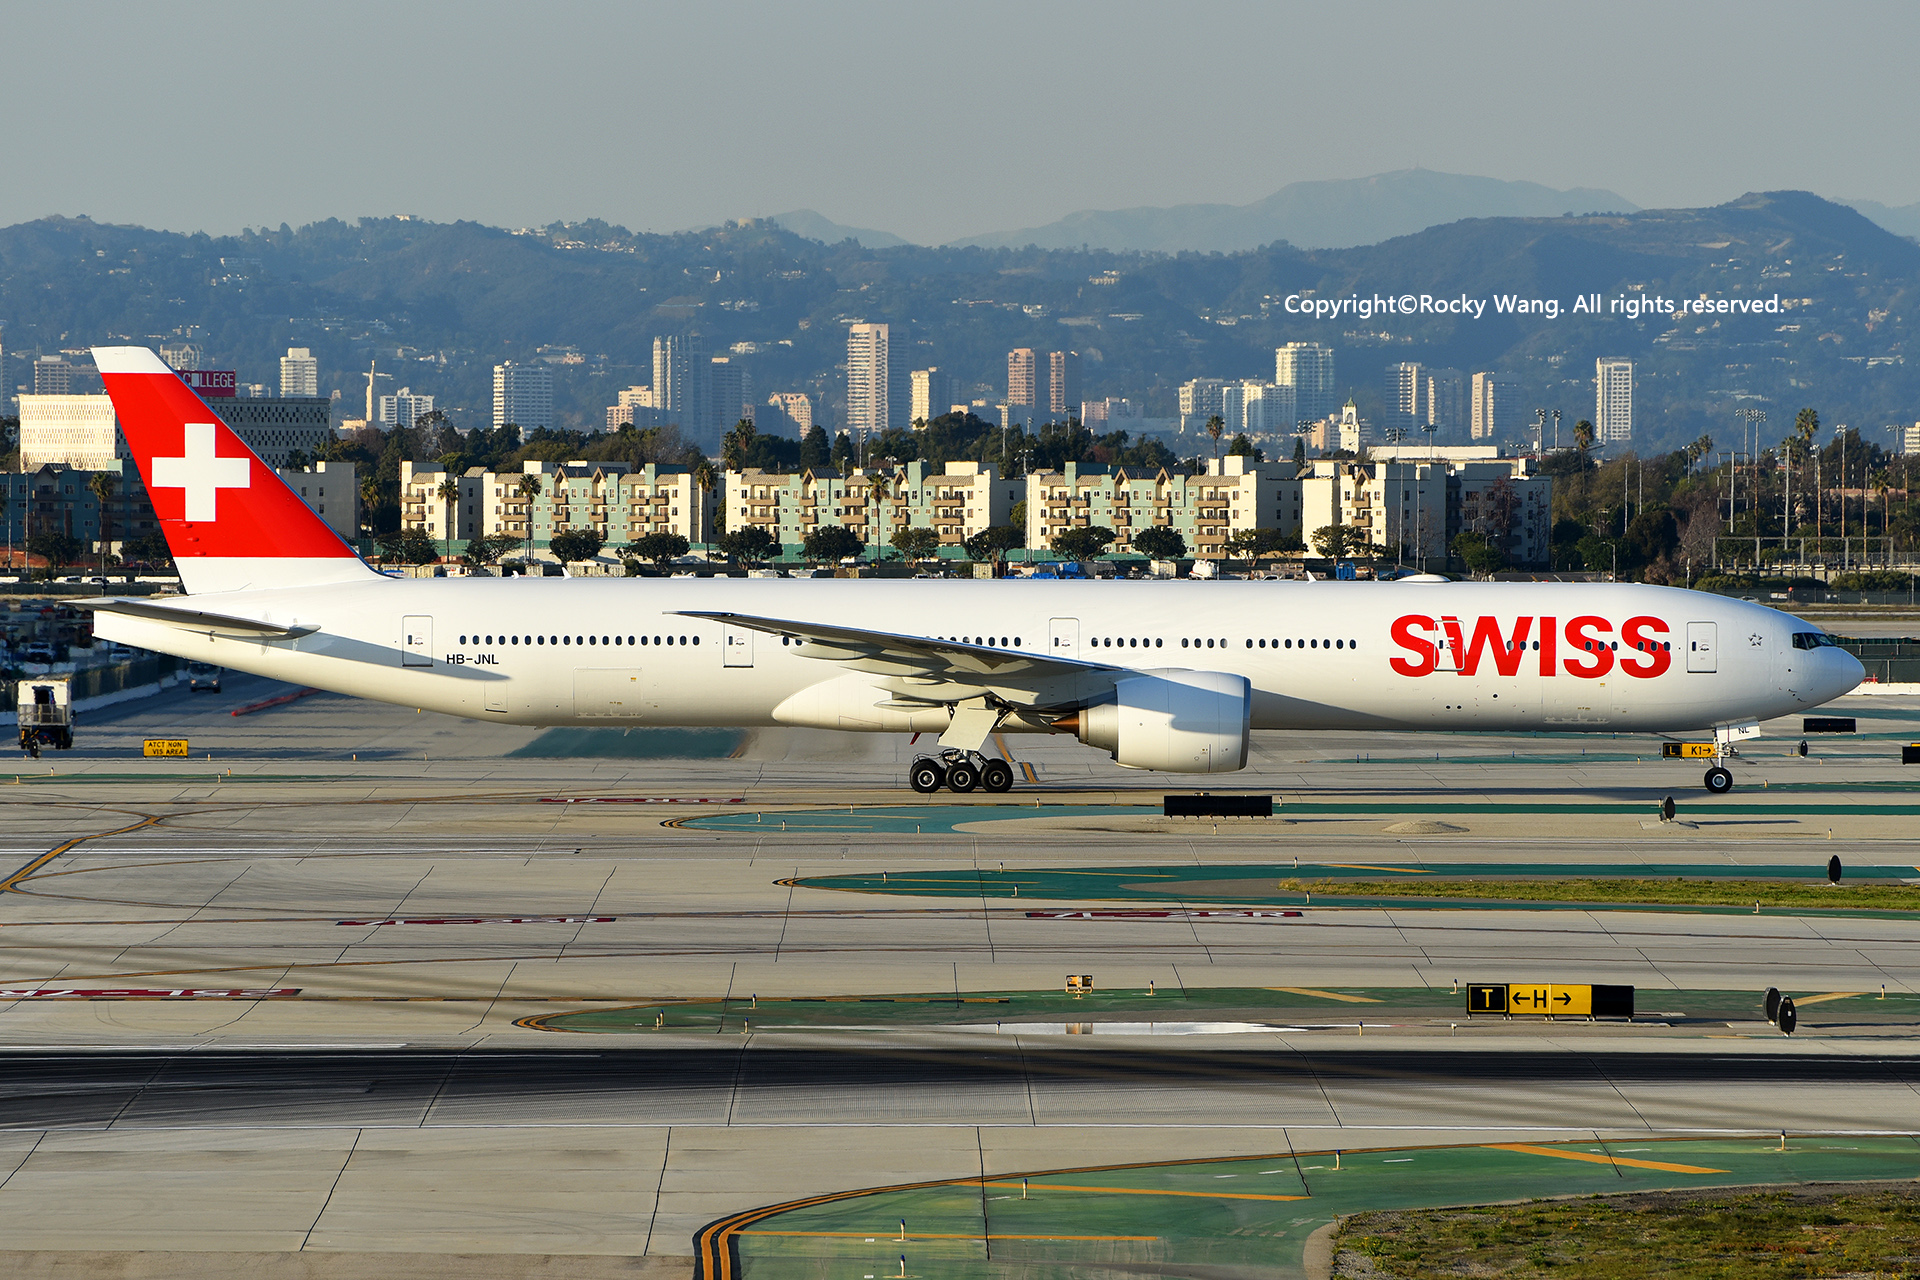 Re:[原创]居家了 批量处理老图 倾情奉献52家777 BOEING 777-3DEER HB-JNL Los Angeles Int'l Airport